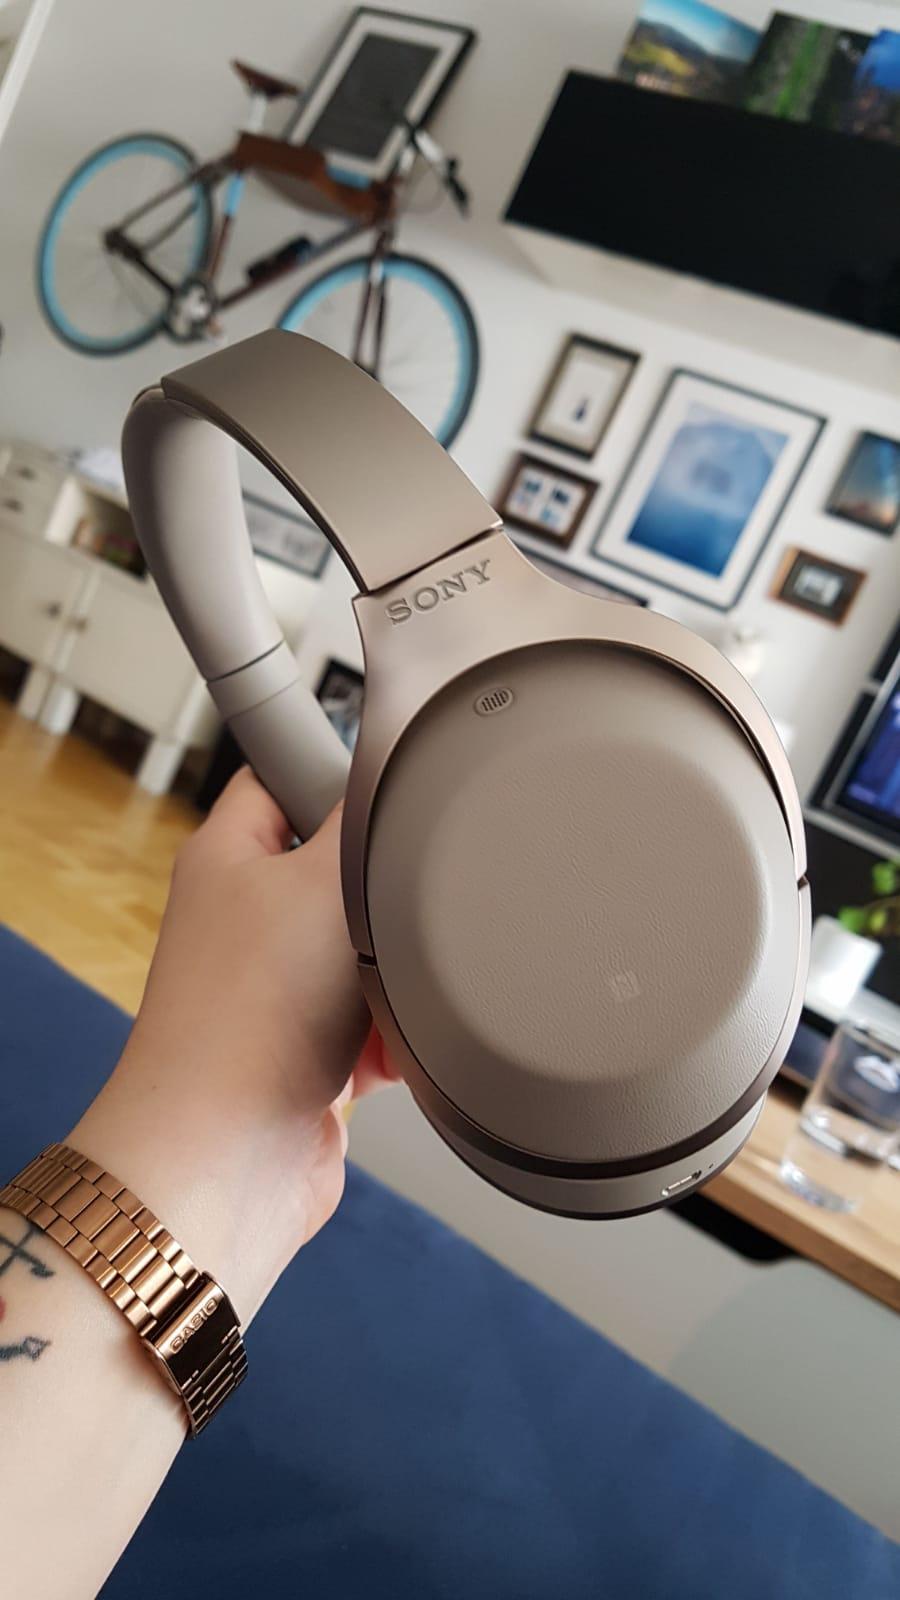 Sony - MDR1000X (vor-vorgänger vom WH-1000XM3) - Amazon.it Warehouse